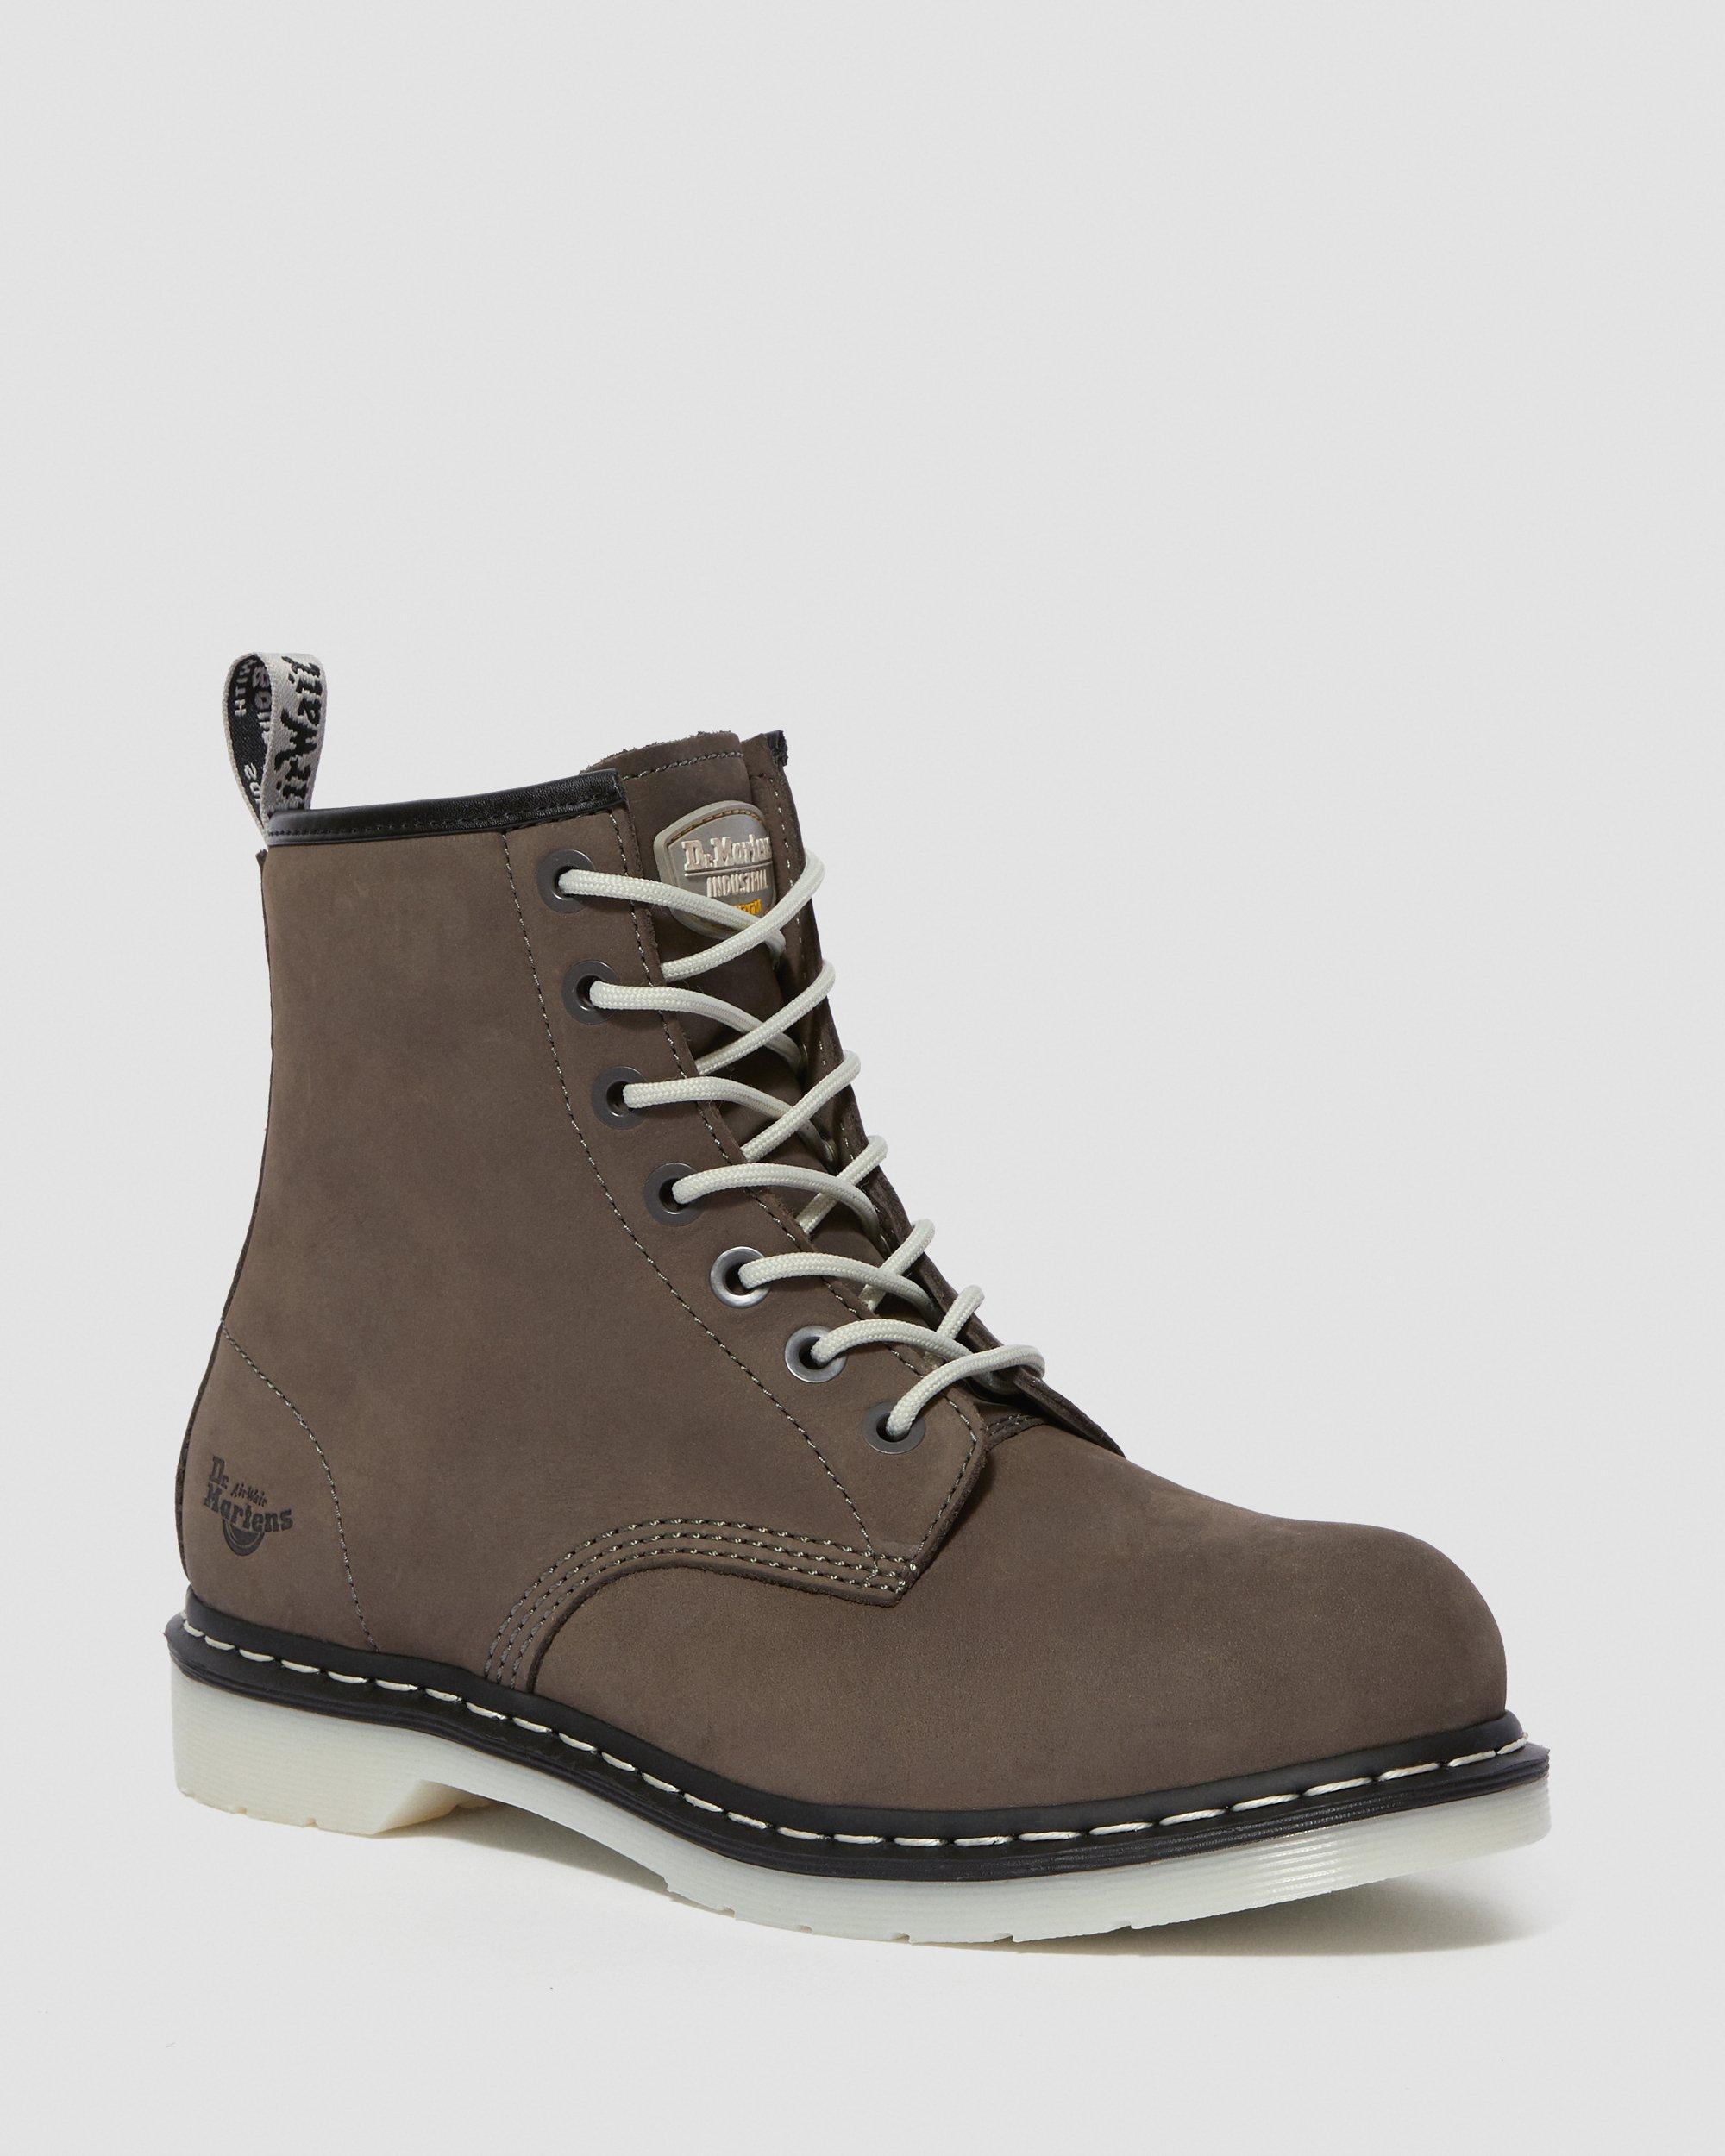 dr martens construction boots